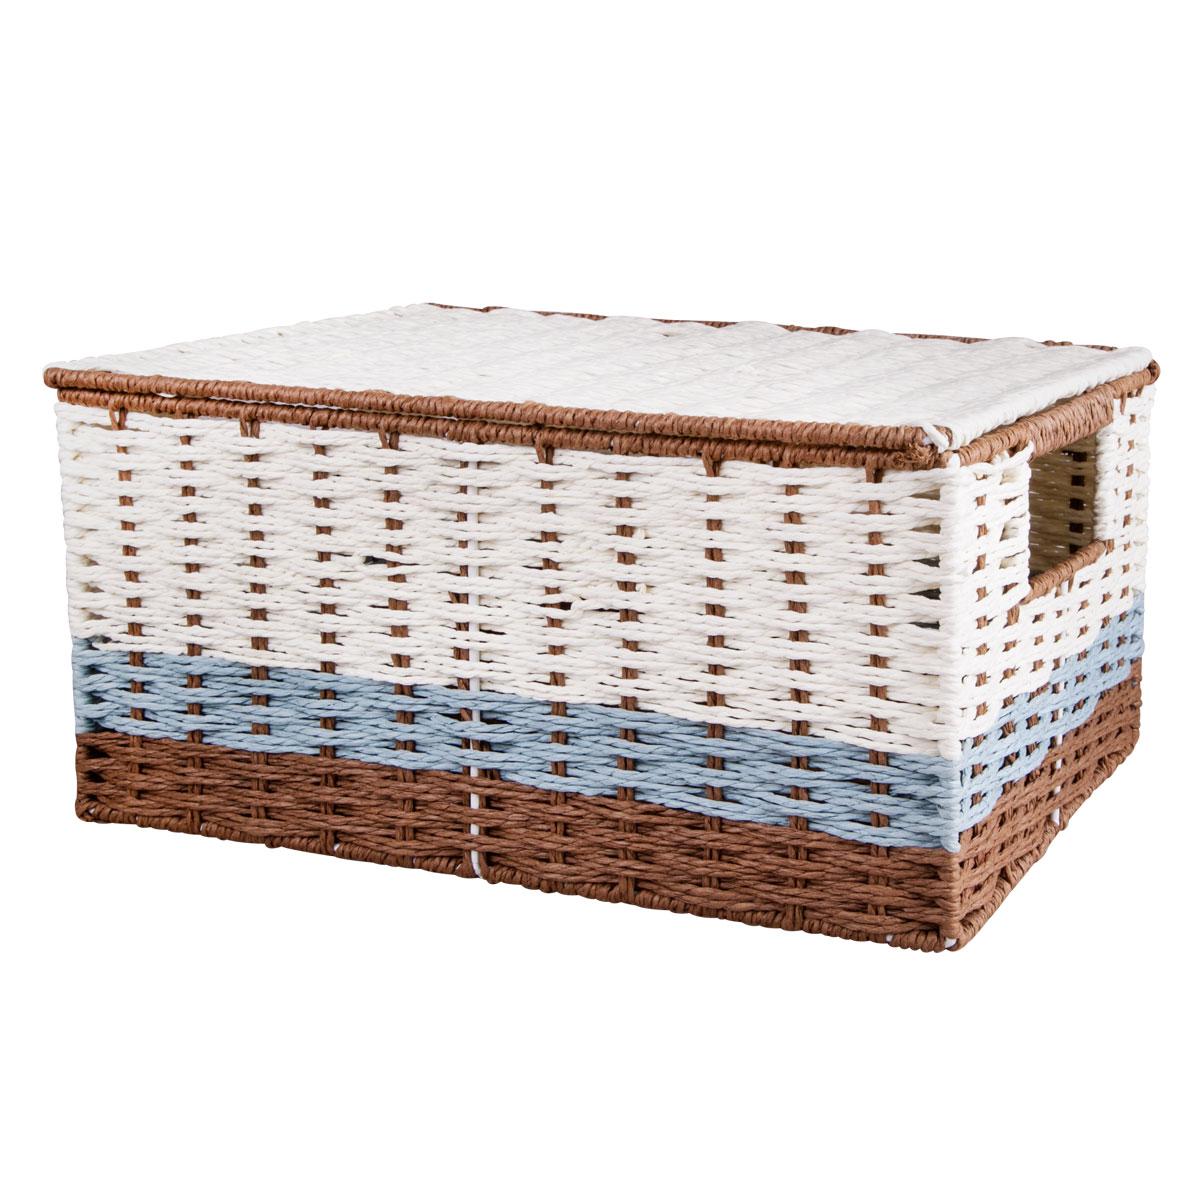 Корзина для хранения Miolla, с крышкой и ручками, 45 х 33 х 21 см . BSK5-LRG-D31SЛучшее решение для хранения вещей - корзина для хранения Miolla. Экономьте полезное пространство своего дома, уберите ненужные вещи в удобную корзину и используйте ее для хранения дорогих сердцу вещей, которые нужно сберечь в целости и сохранности.